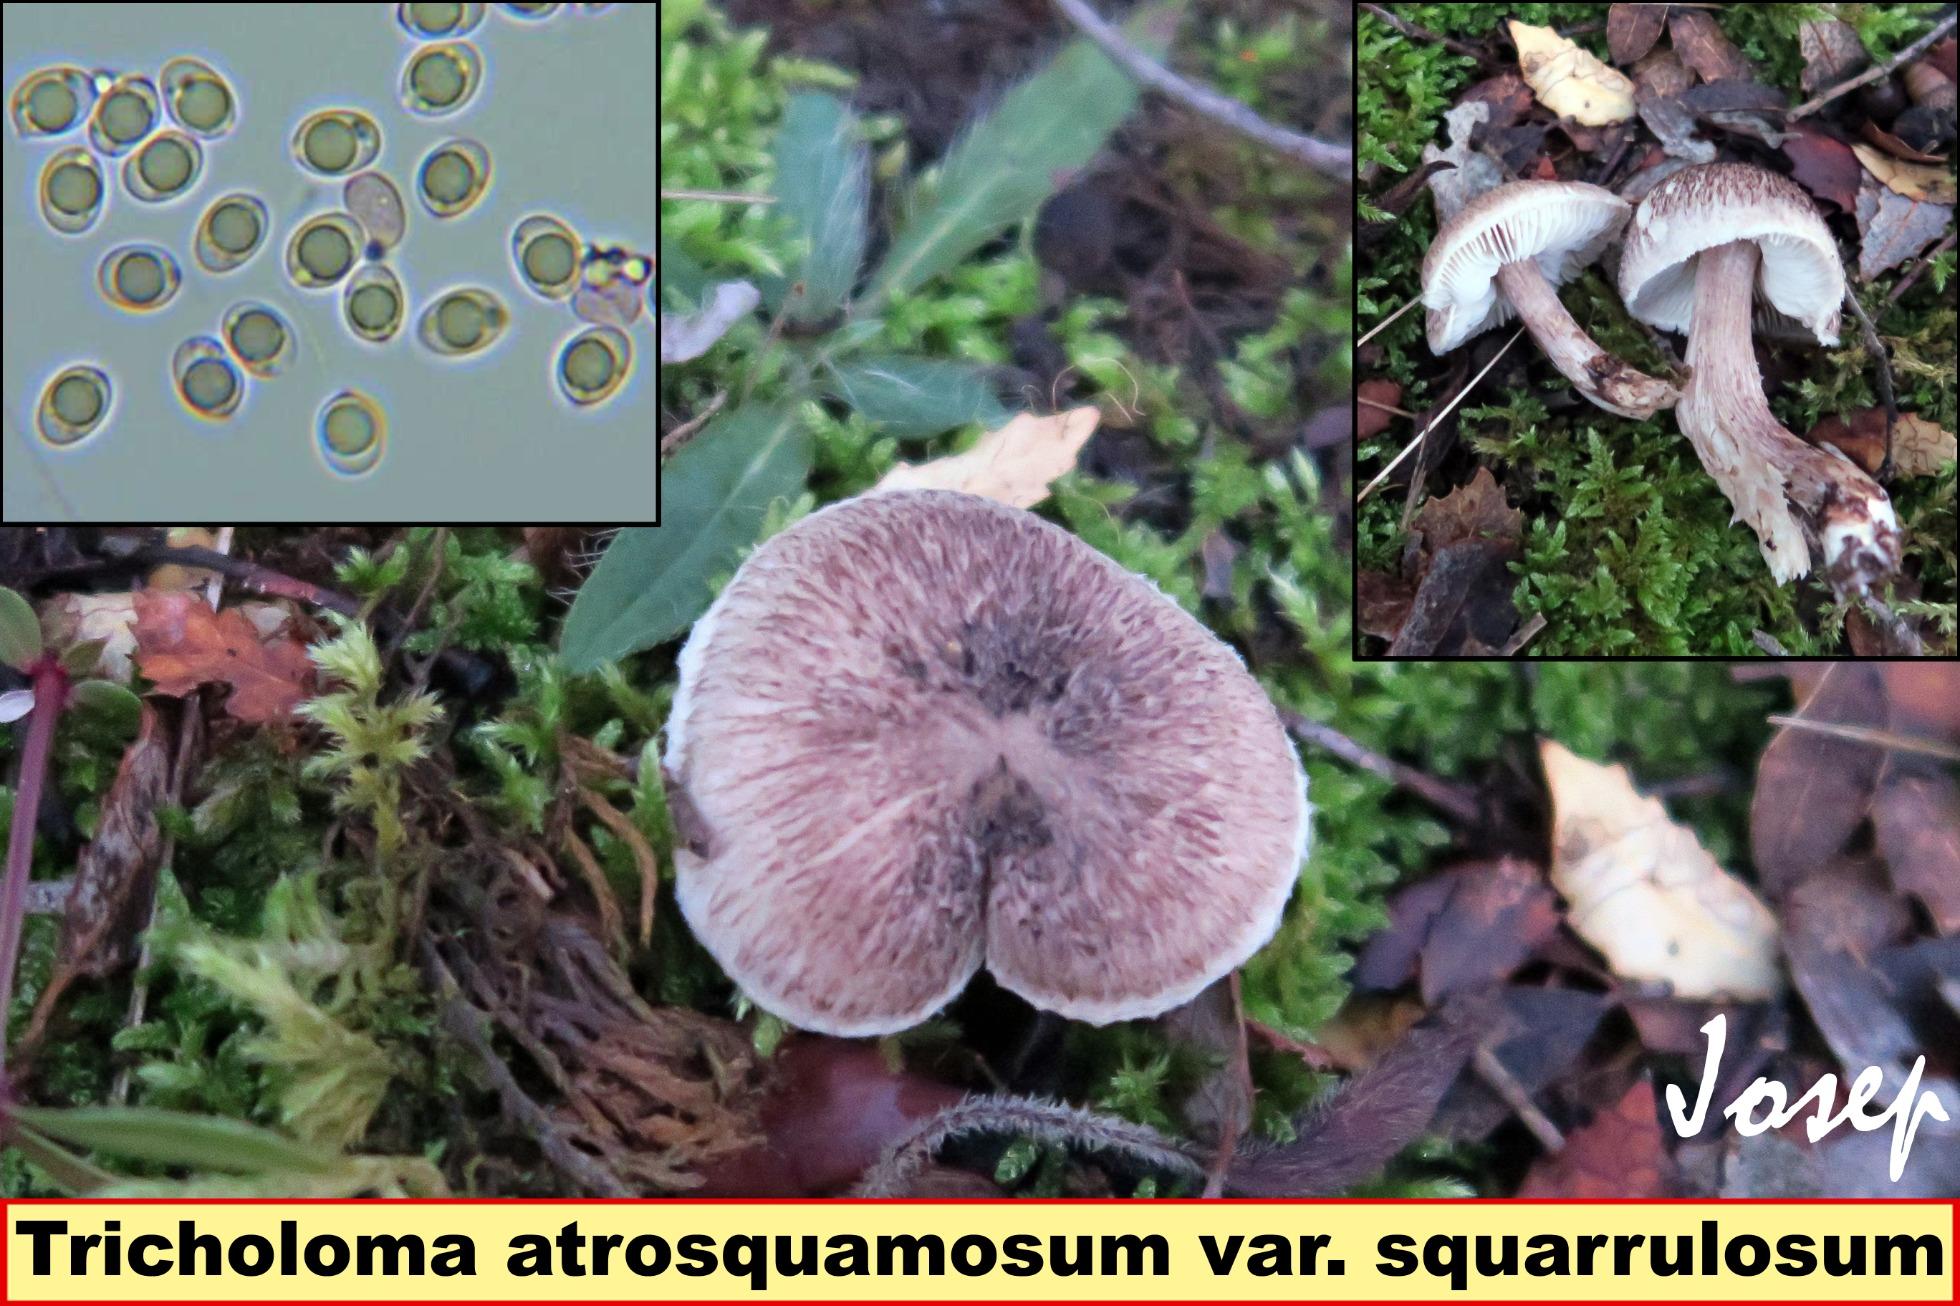 Tricholomaatrosquamosumvar.squarrulosum_2020-11-26.jpg